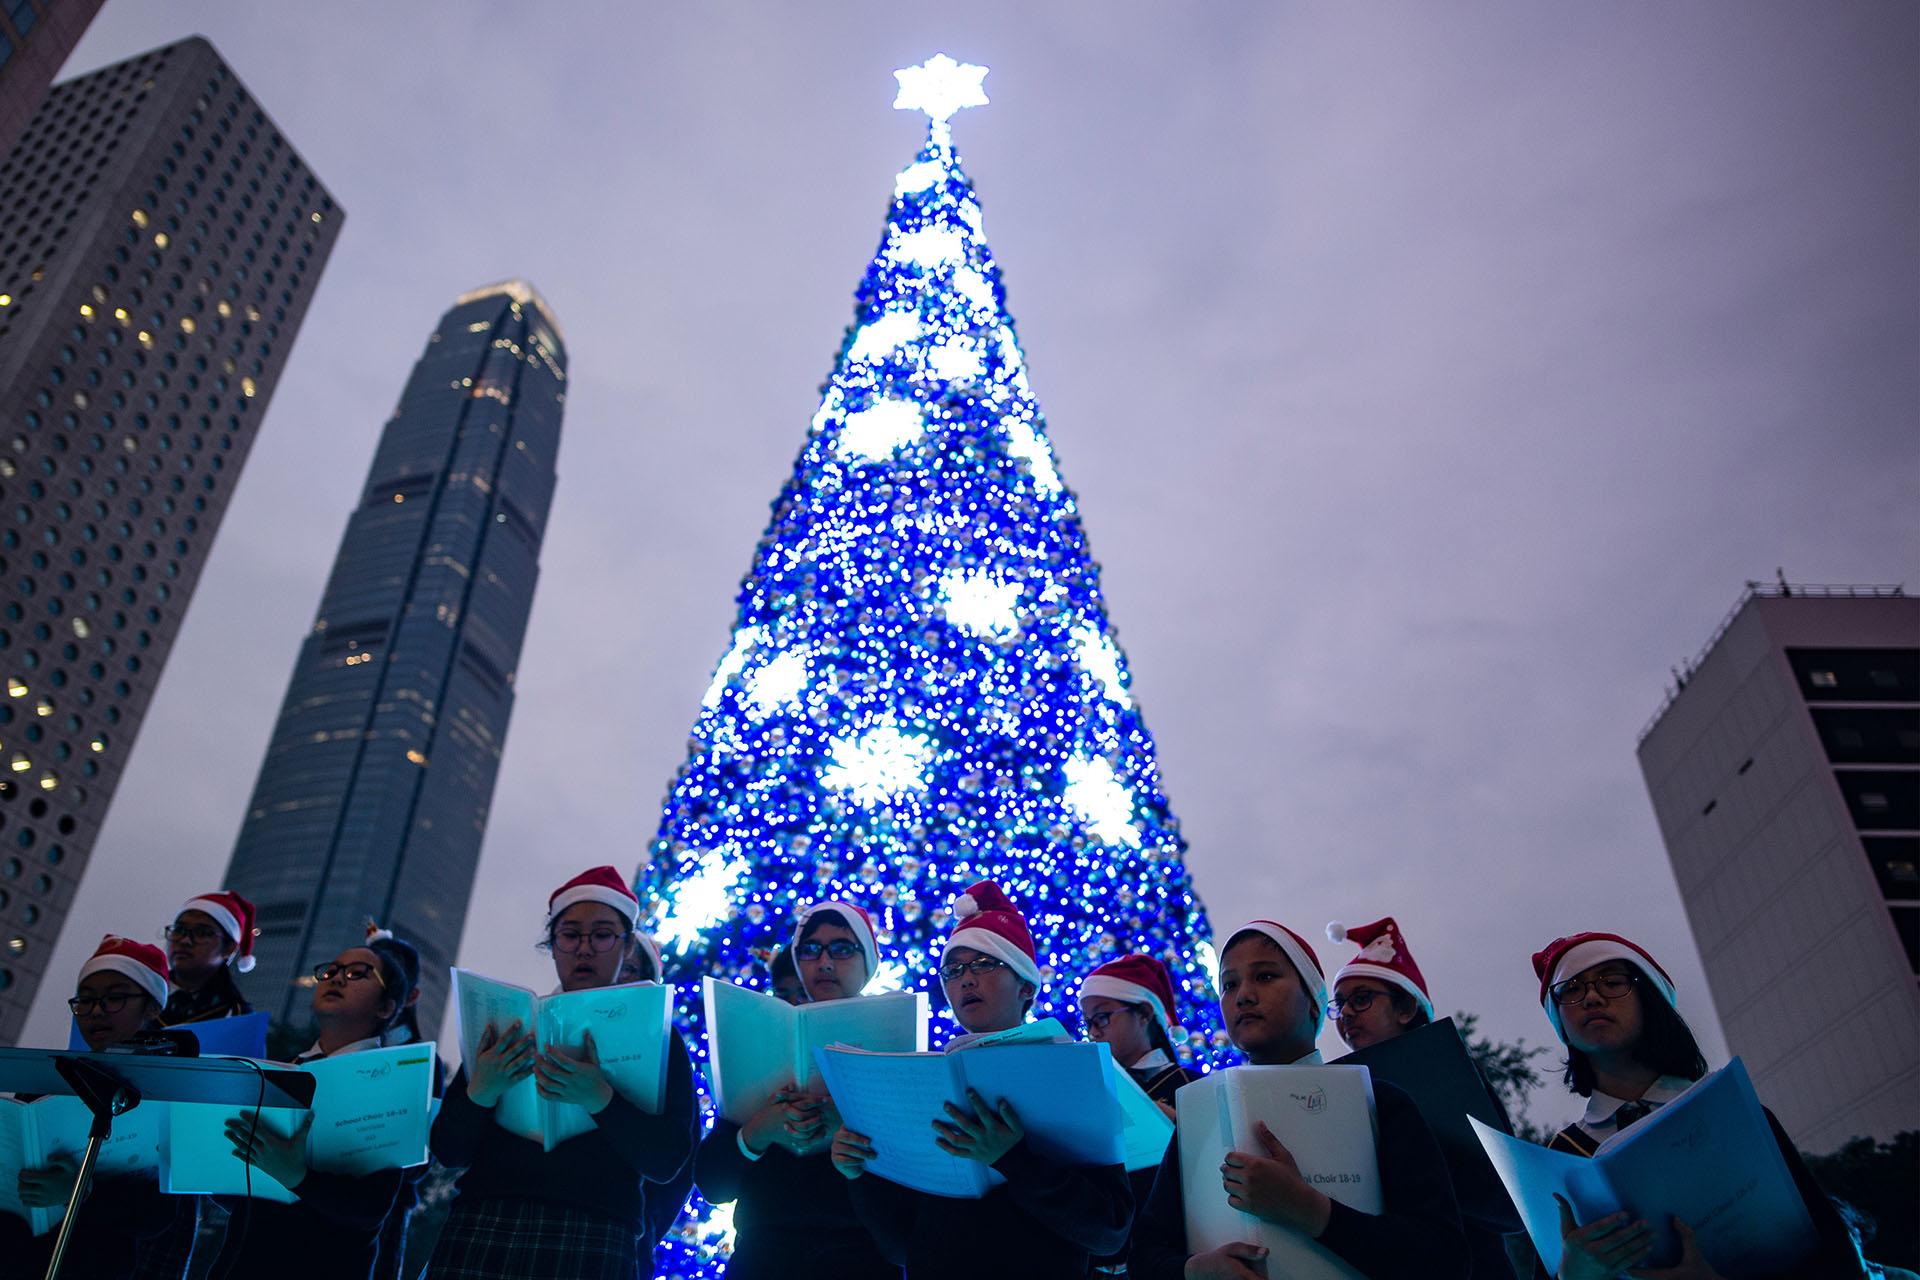 El coro de jóvenes de un colegio canta junto al árbol navideño en el distrito central de Hong Kong (Photo by Philip FONG / AFP)